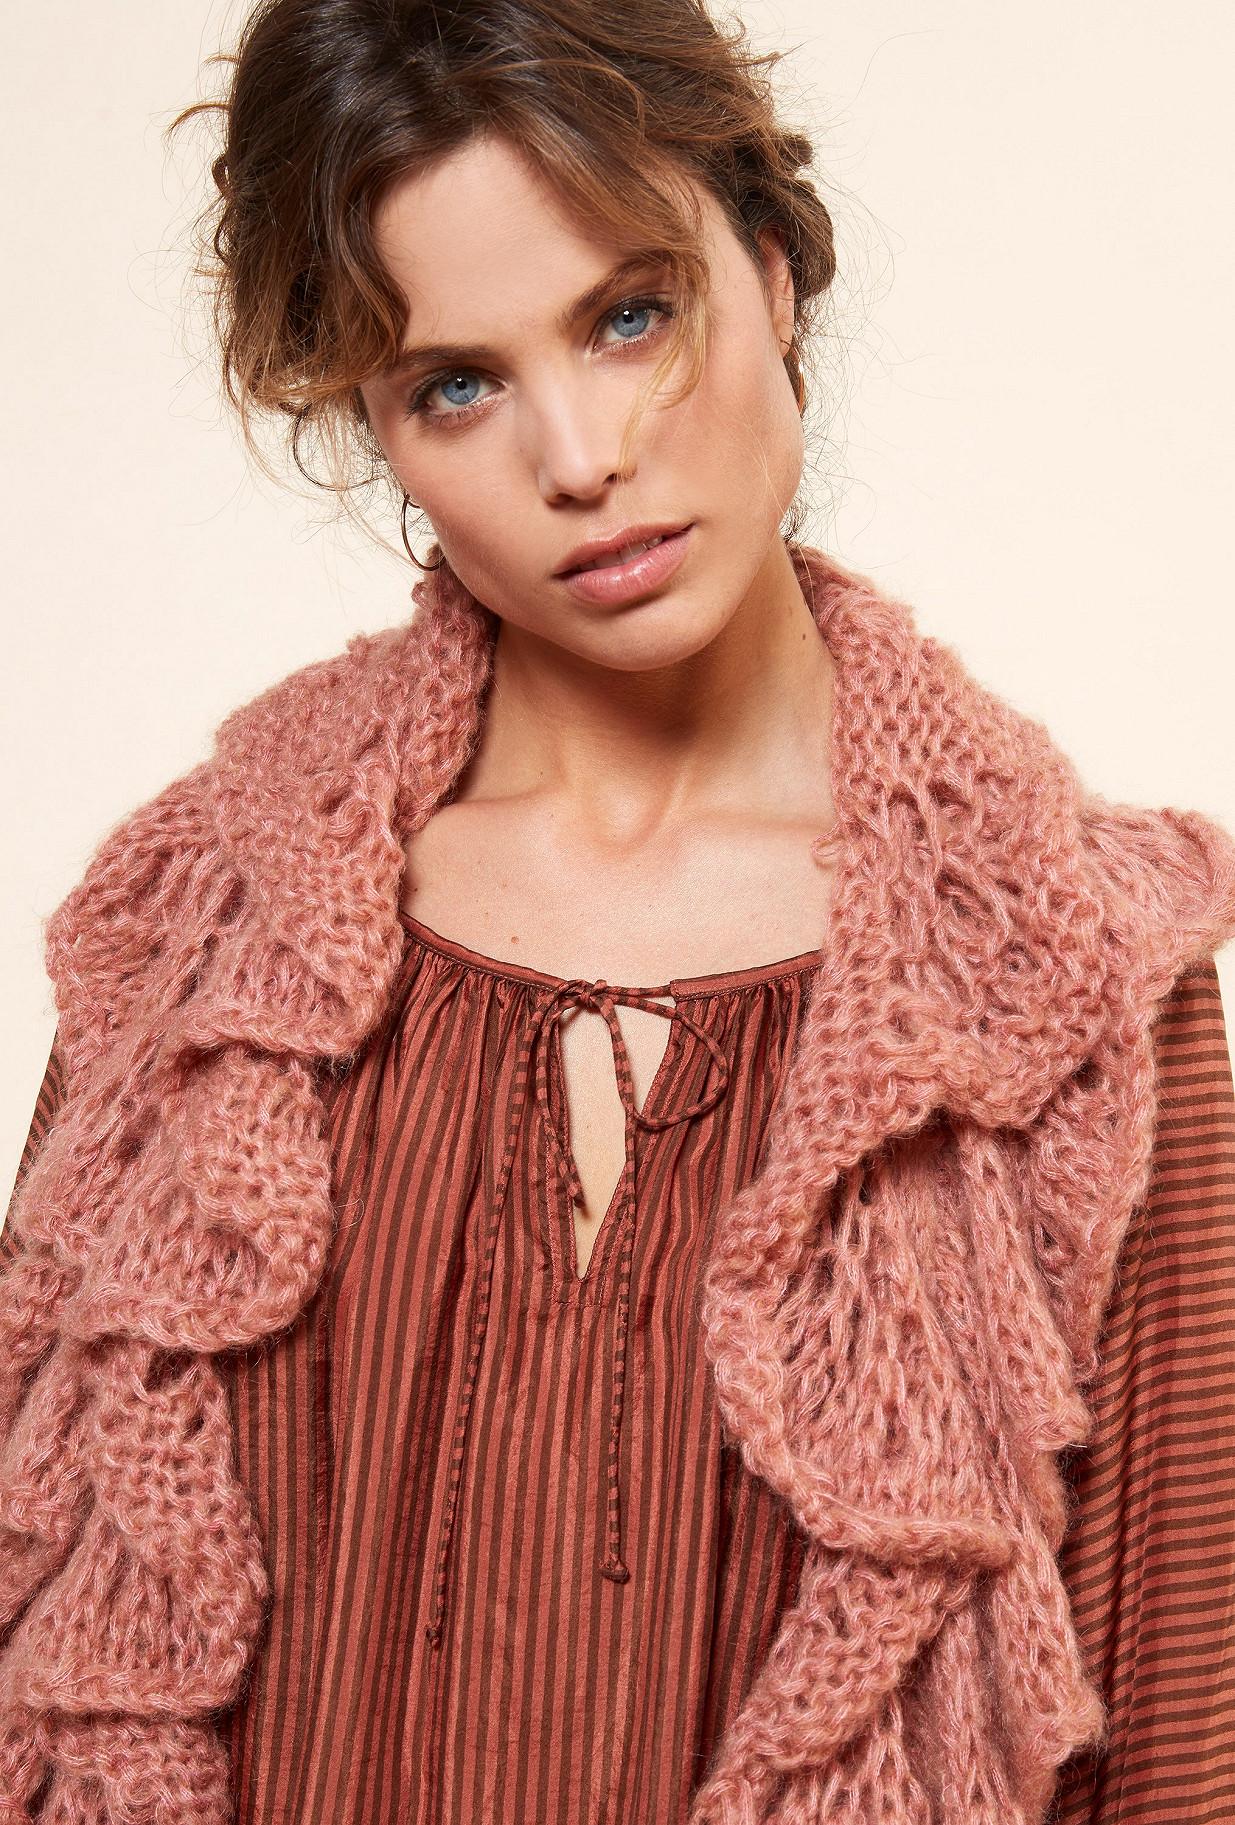 Paris clothes store Scarf  Frimouse french designer fashion Paris